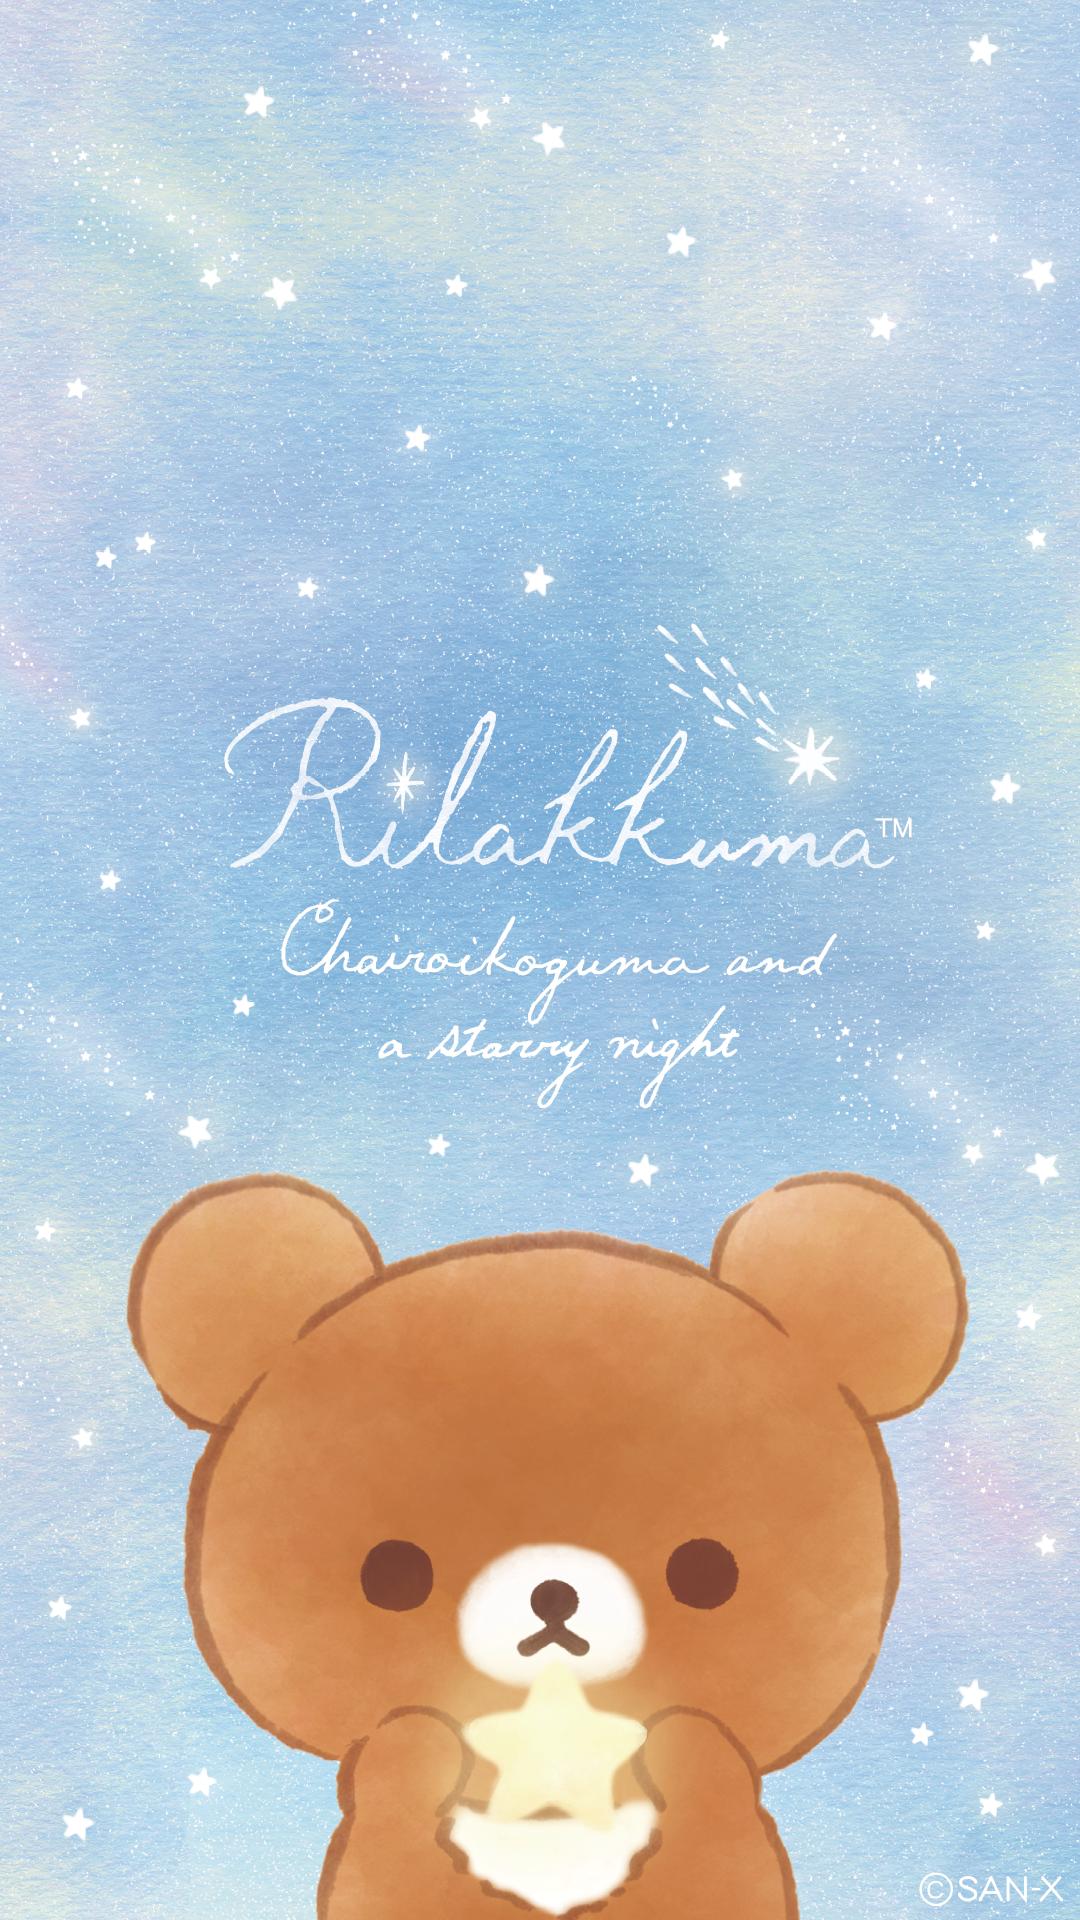 リラックマ8月発売 チャイロイコグマの星降る夜 テーマ